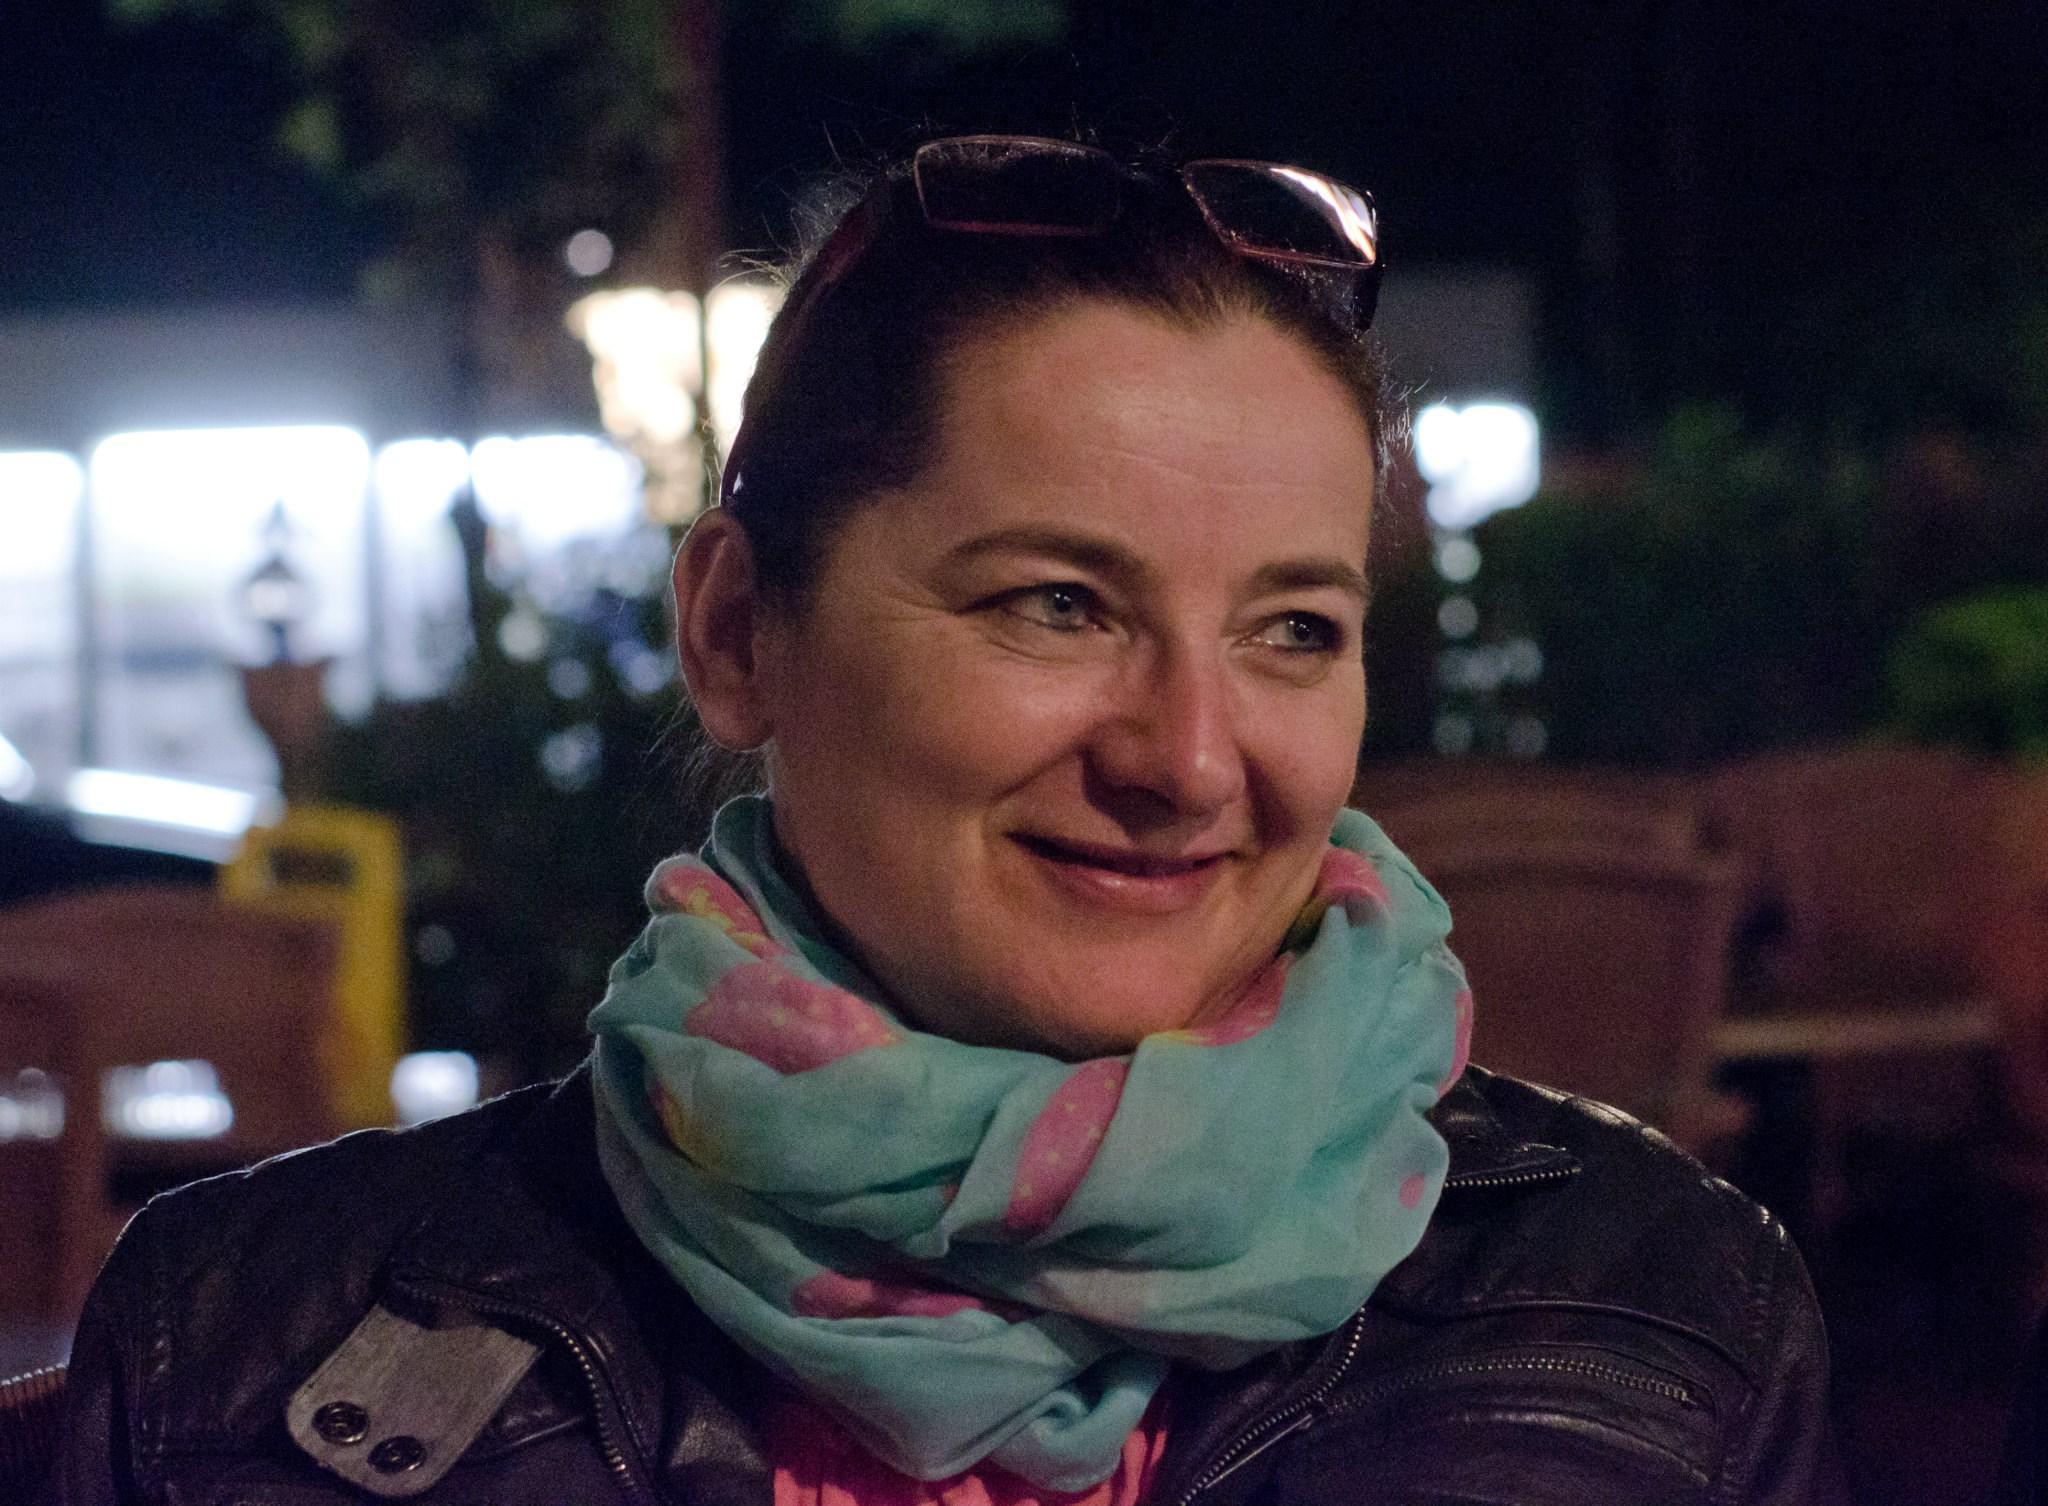 Conny at Piaggio